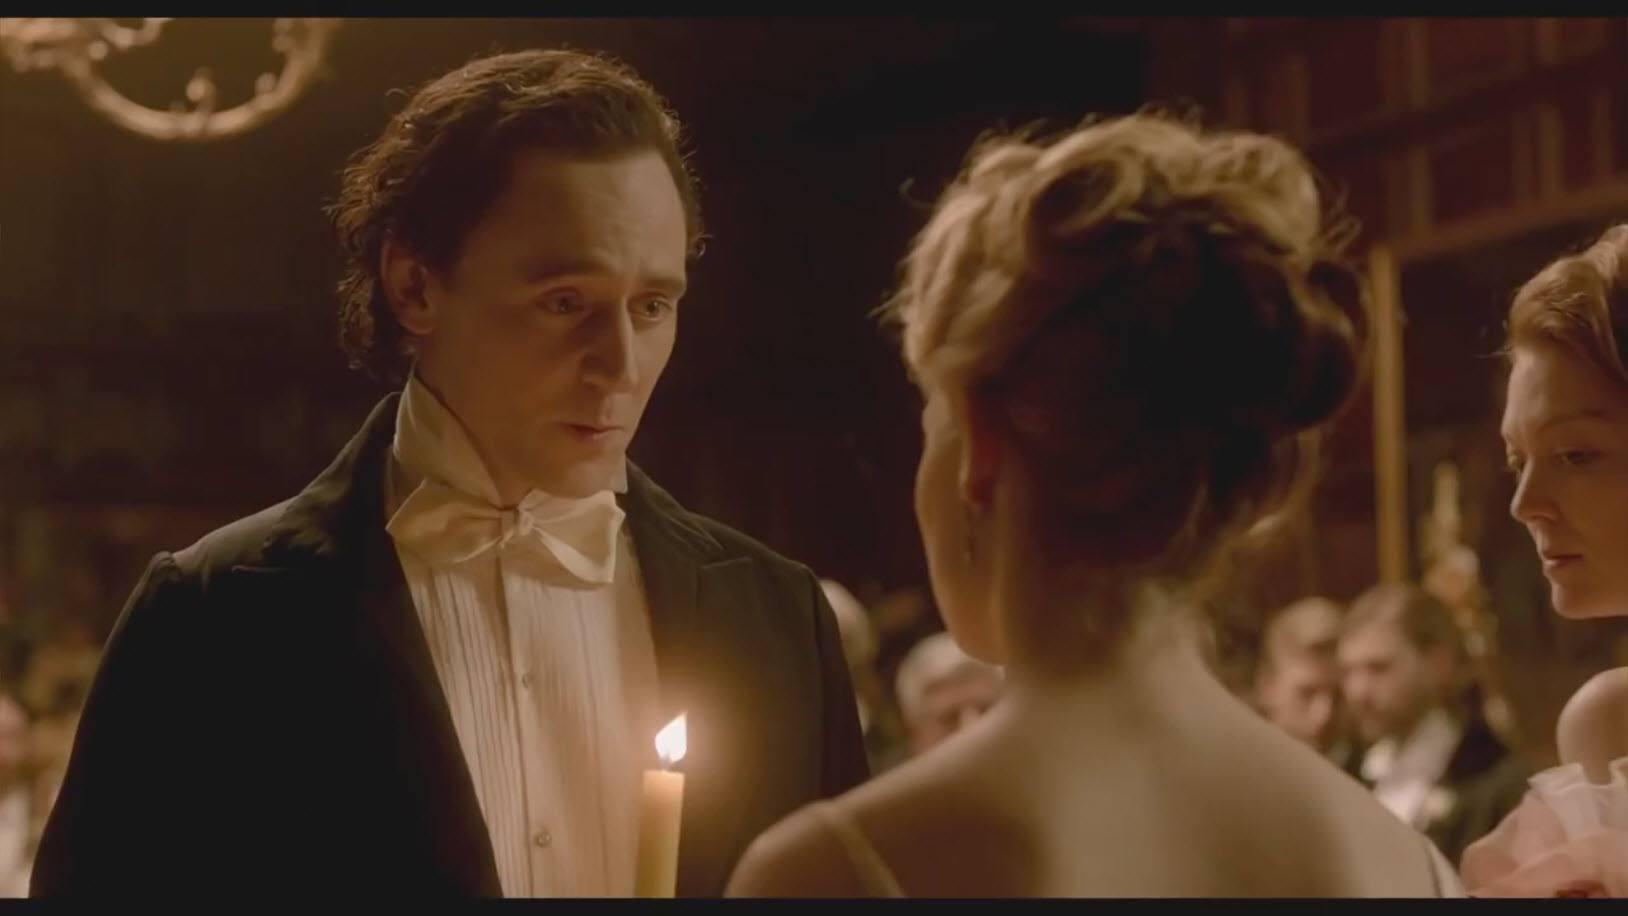 tom hiddleston crimson peak movie images 2015